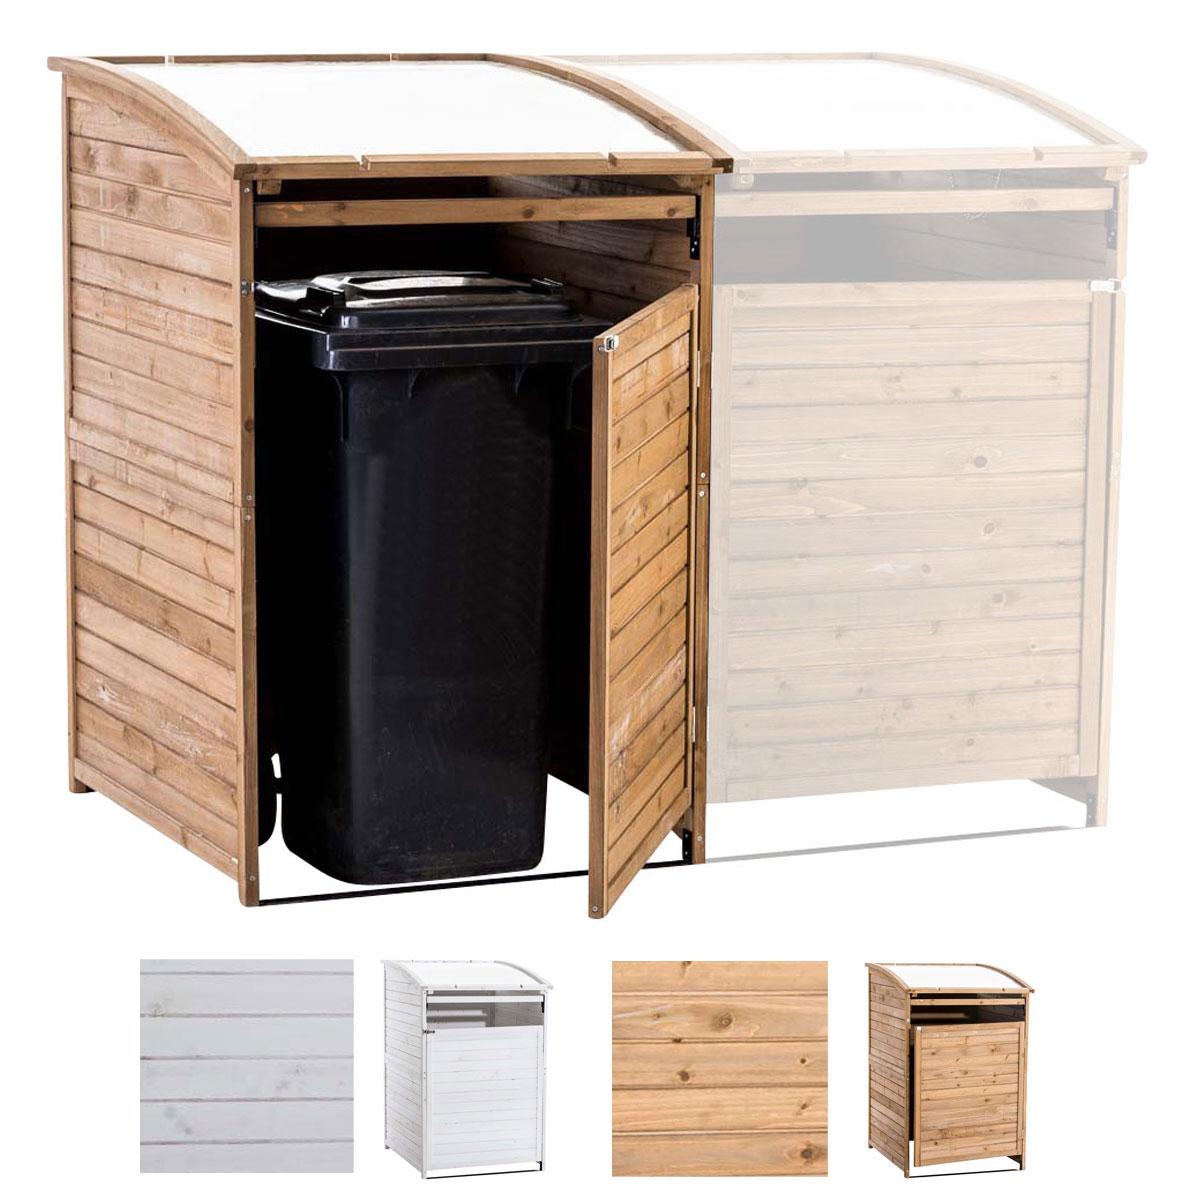 armoire cache poubelle mx240 extension sx240 jardin couvercle verrouillage ebay. Black Bedroom Furniture Sets. Home Design Ideas